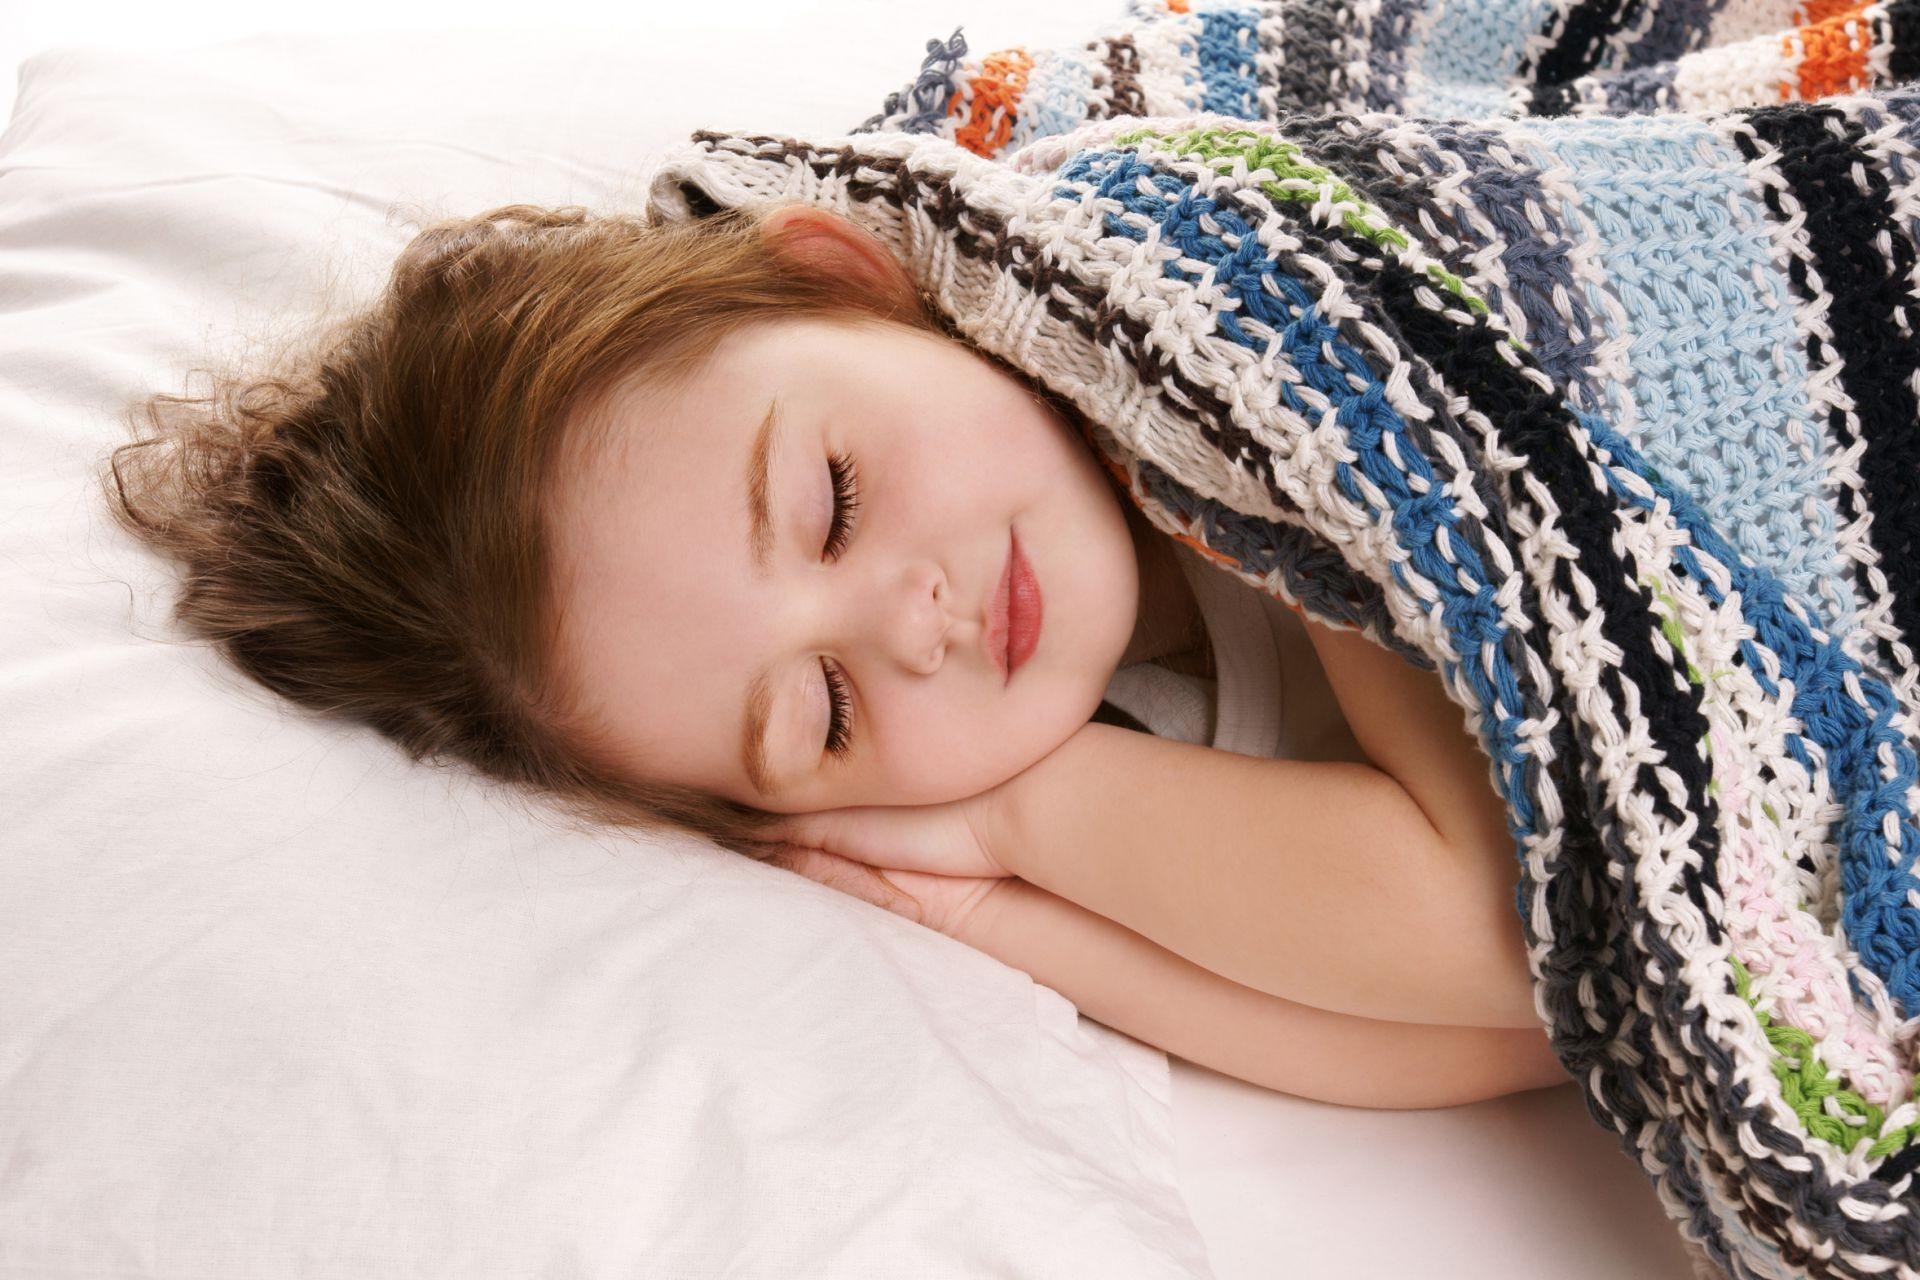 Holiday Blanket Baby Girl Sleep Phone Wallpapers